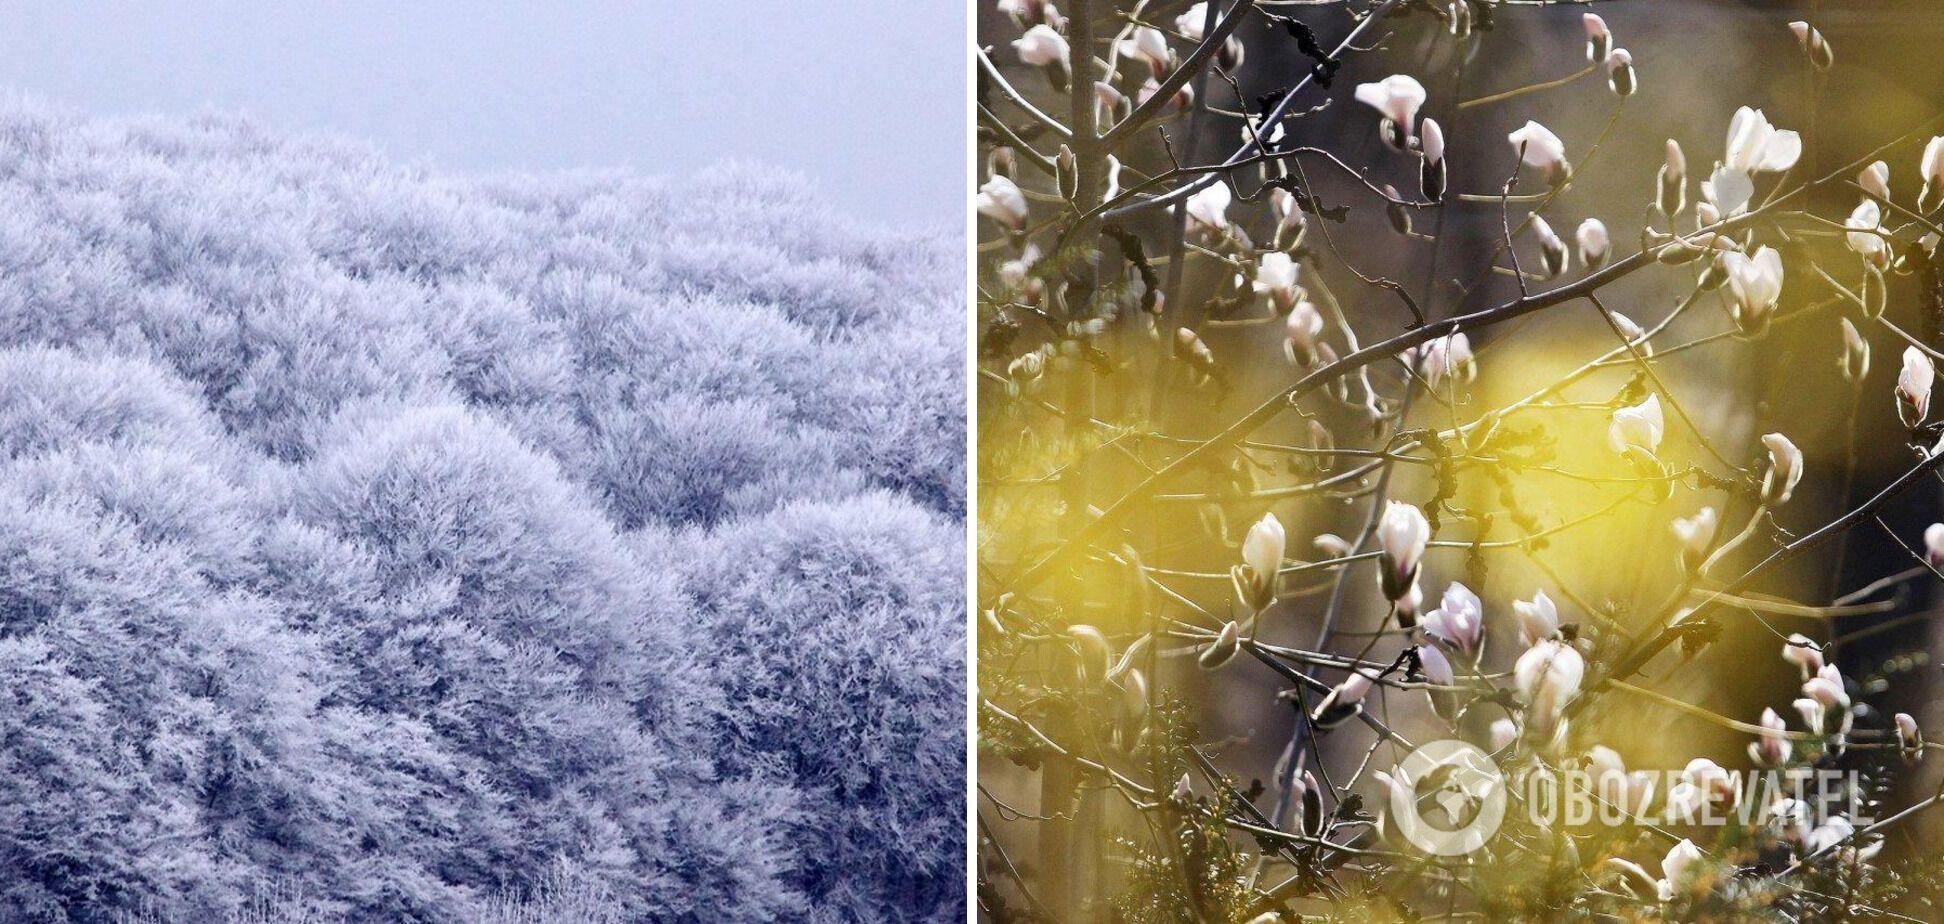 На вчасний прихід весни українцям не варто сподіватися – до травня буде прохолодно